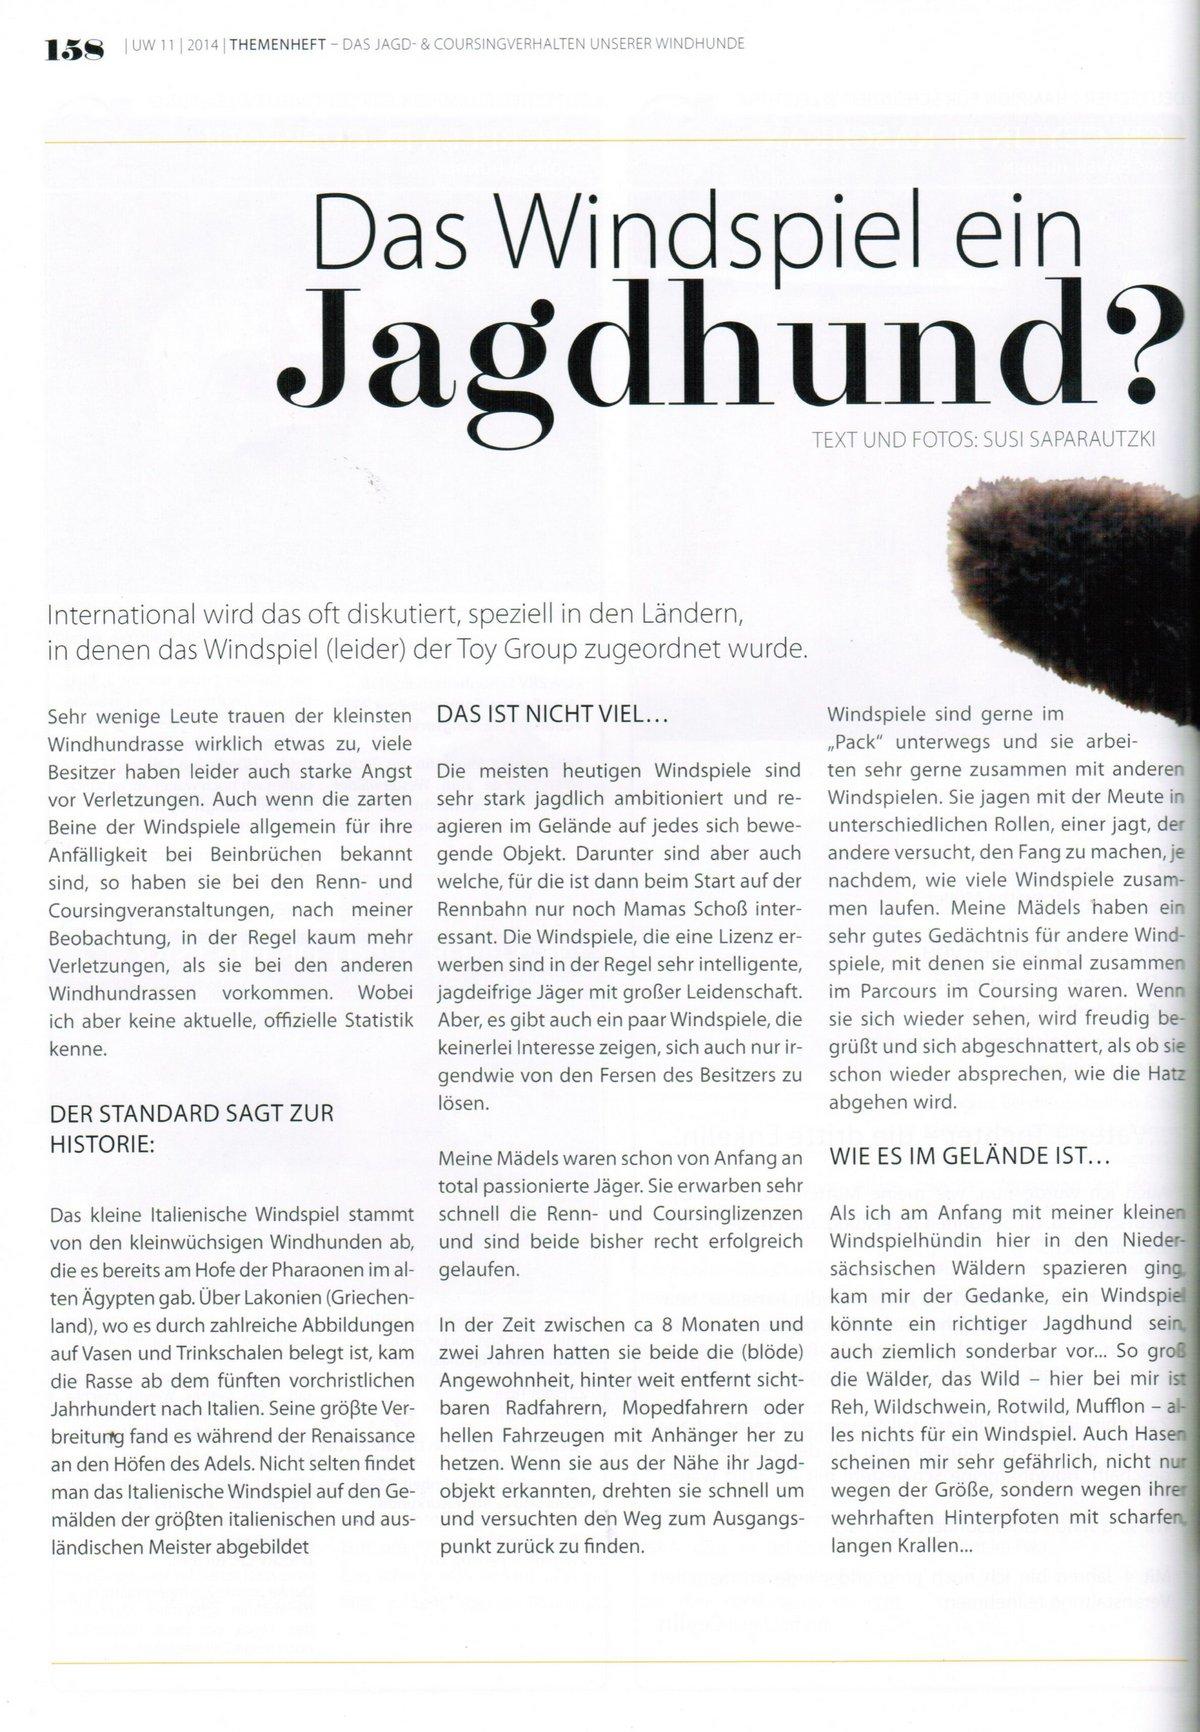 das-windspiel-ein-jagdhund-1